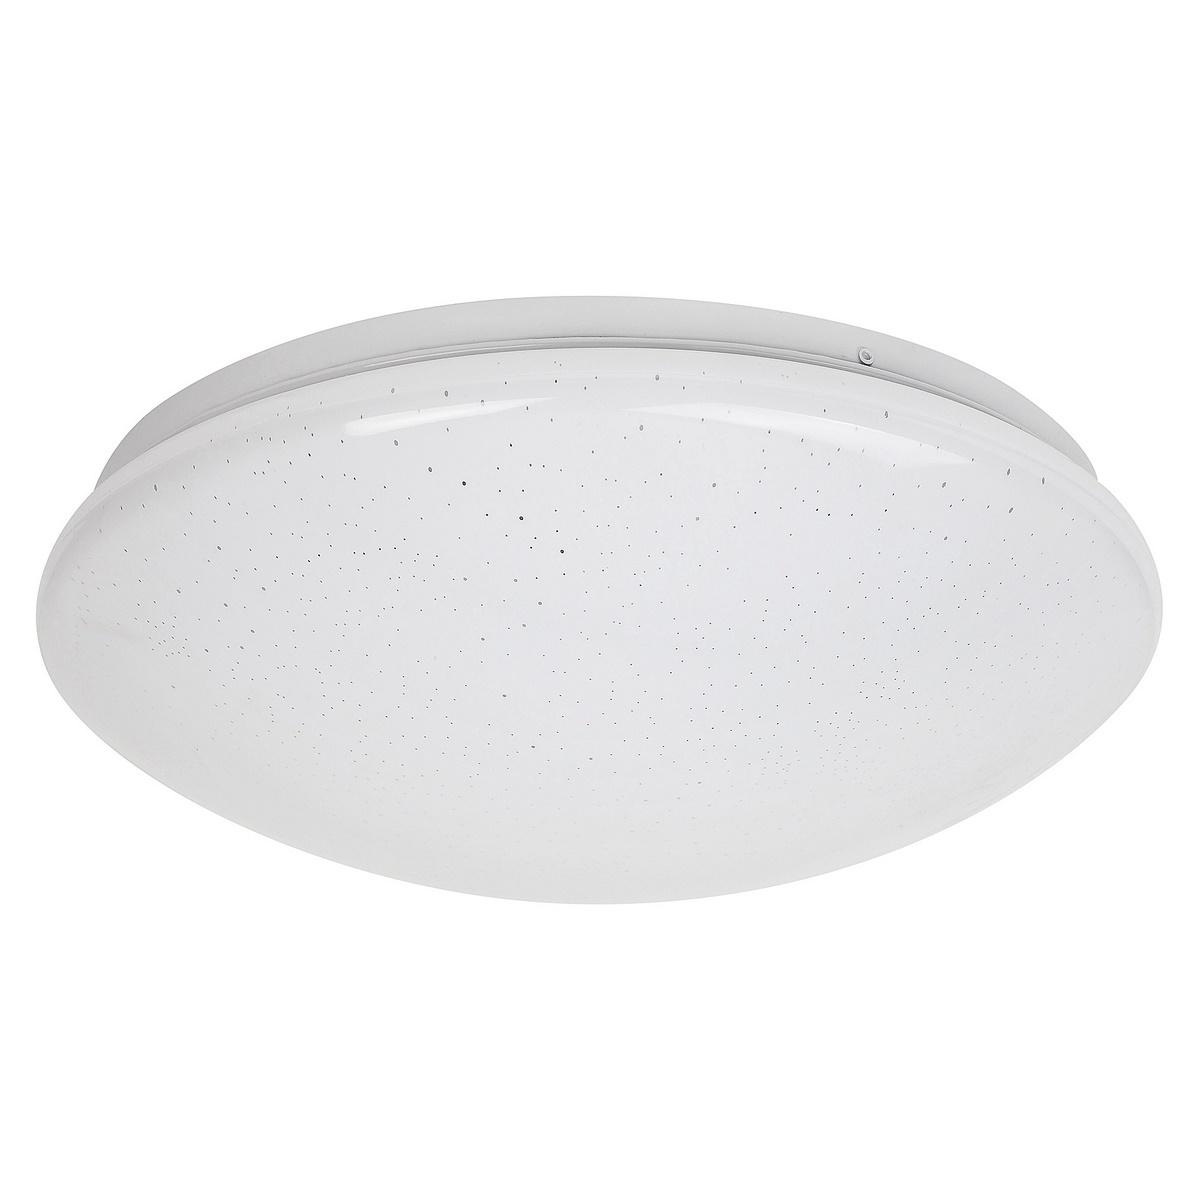 Fotografie Rabalux 3937 Lucas Stropní LED svítidlo bílá, pr. 33 cm